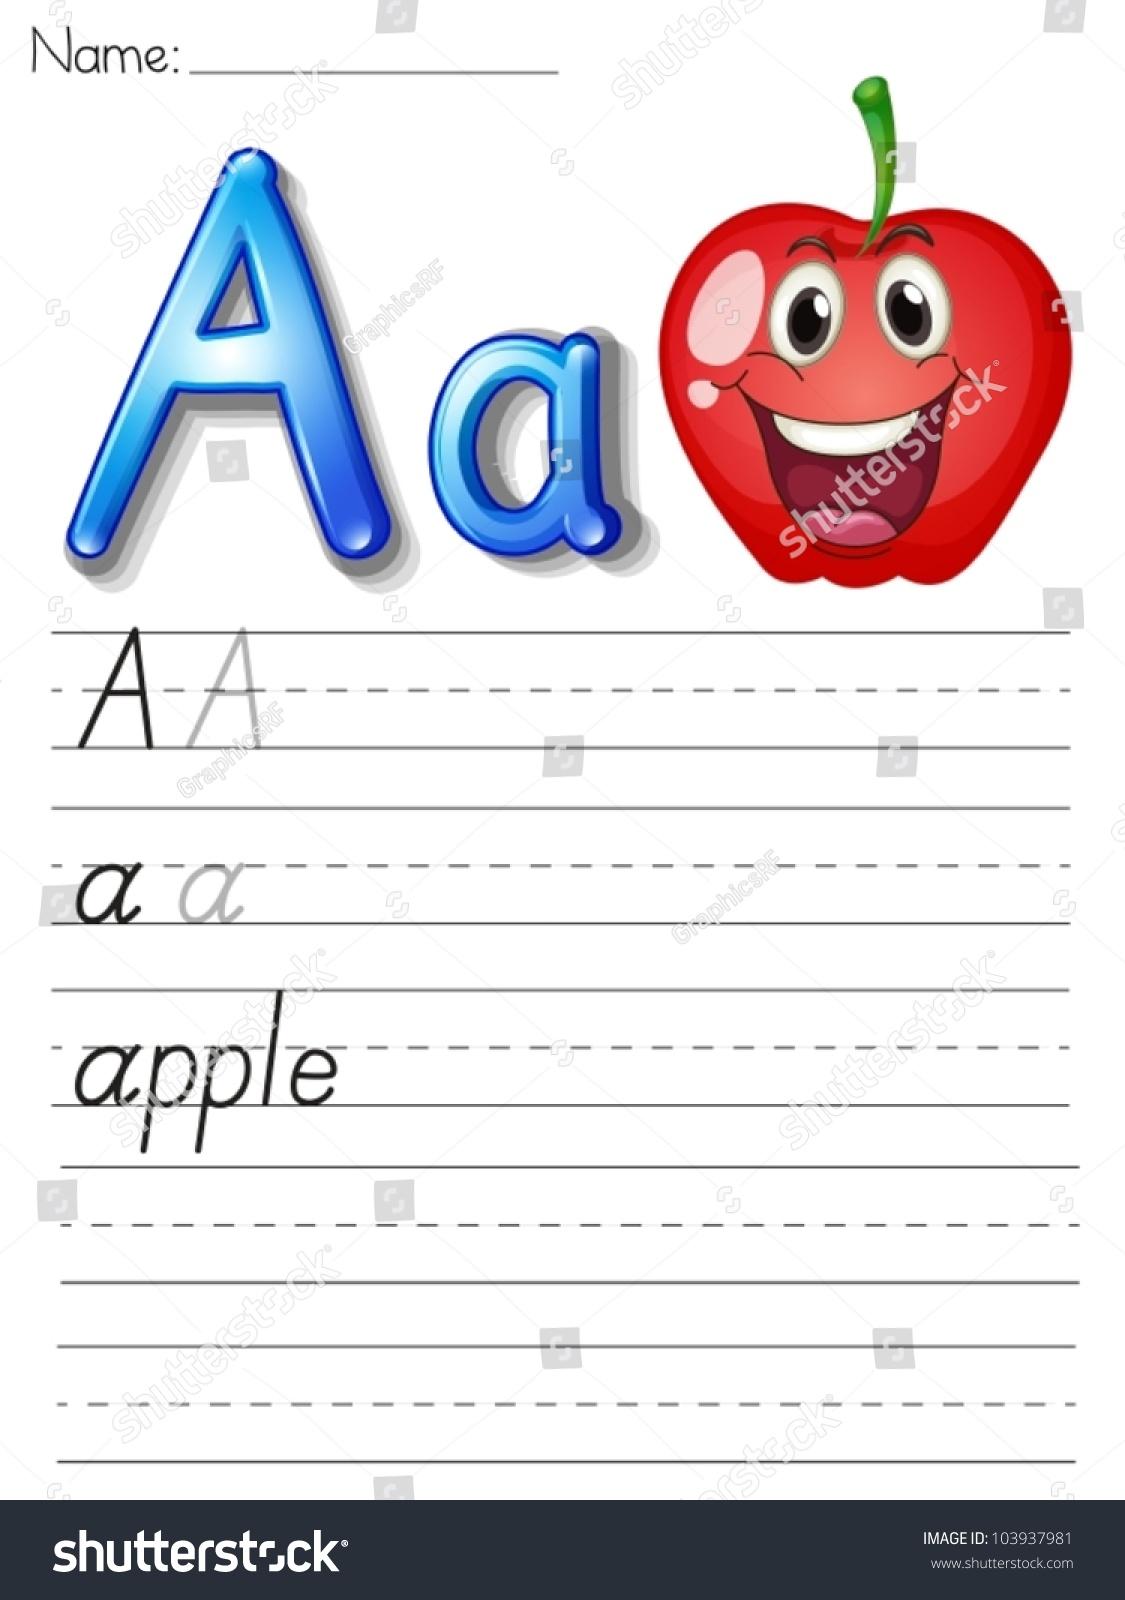 Alphabet Worksheet On White Paper Stock Vector